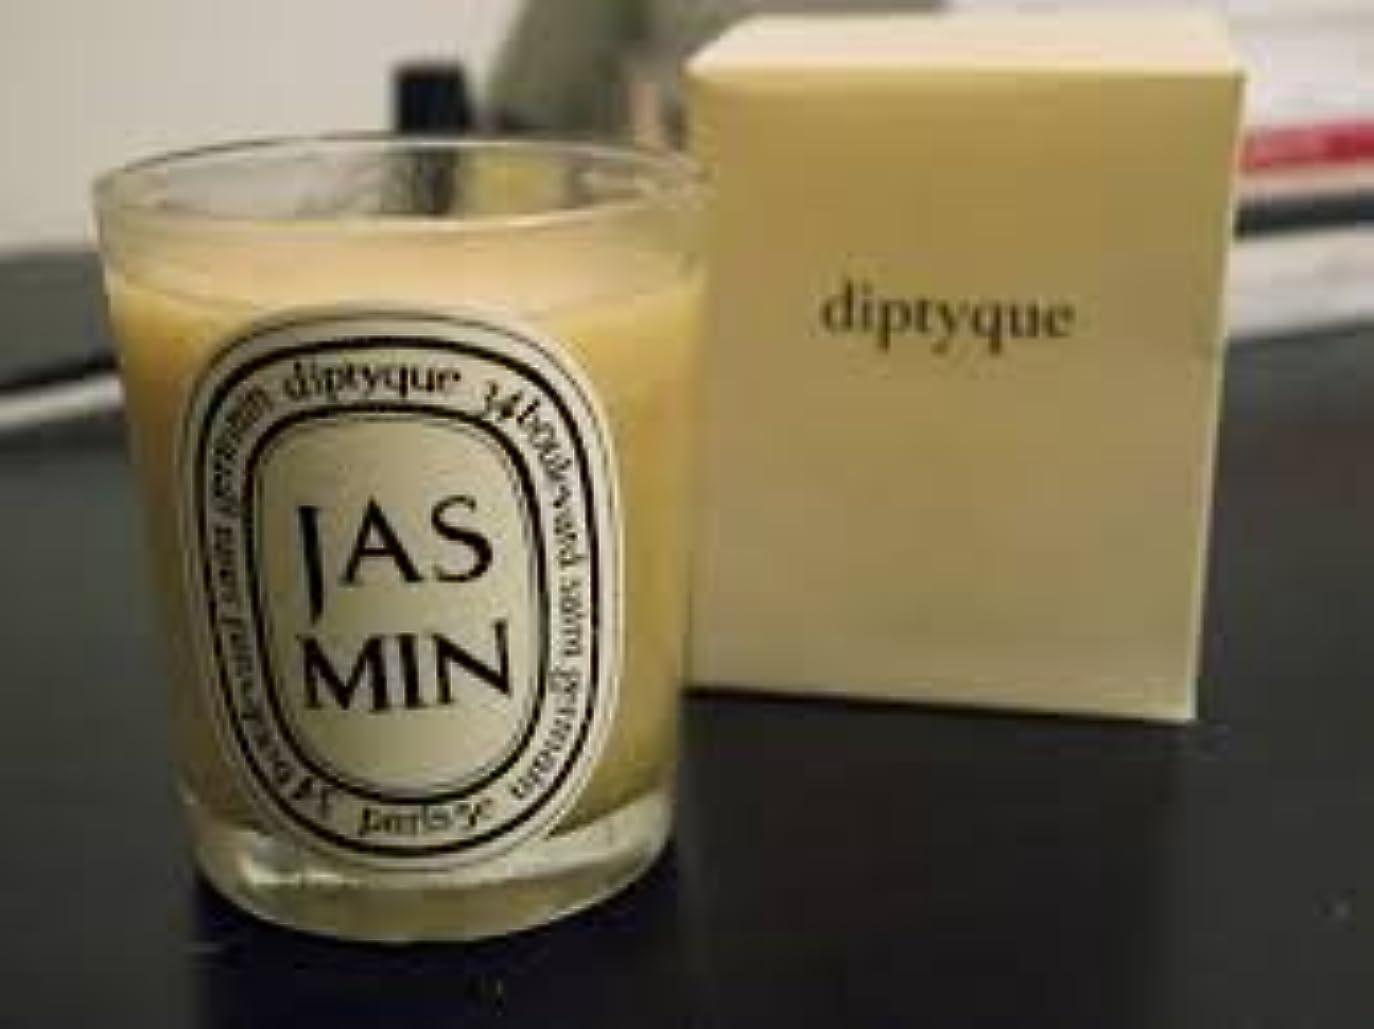 しなやか埋め込むエリートDiptyque Jasmin Candle (ディプティック ジャスミン キャンドル) 2.4 oz (70g)